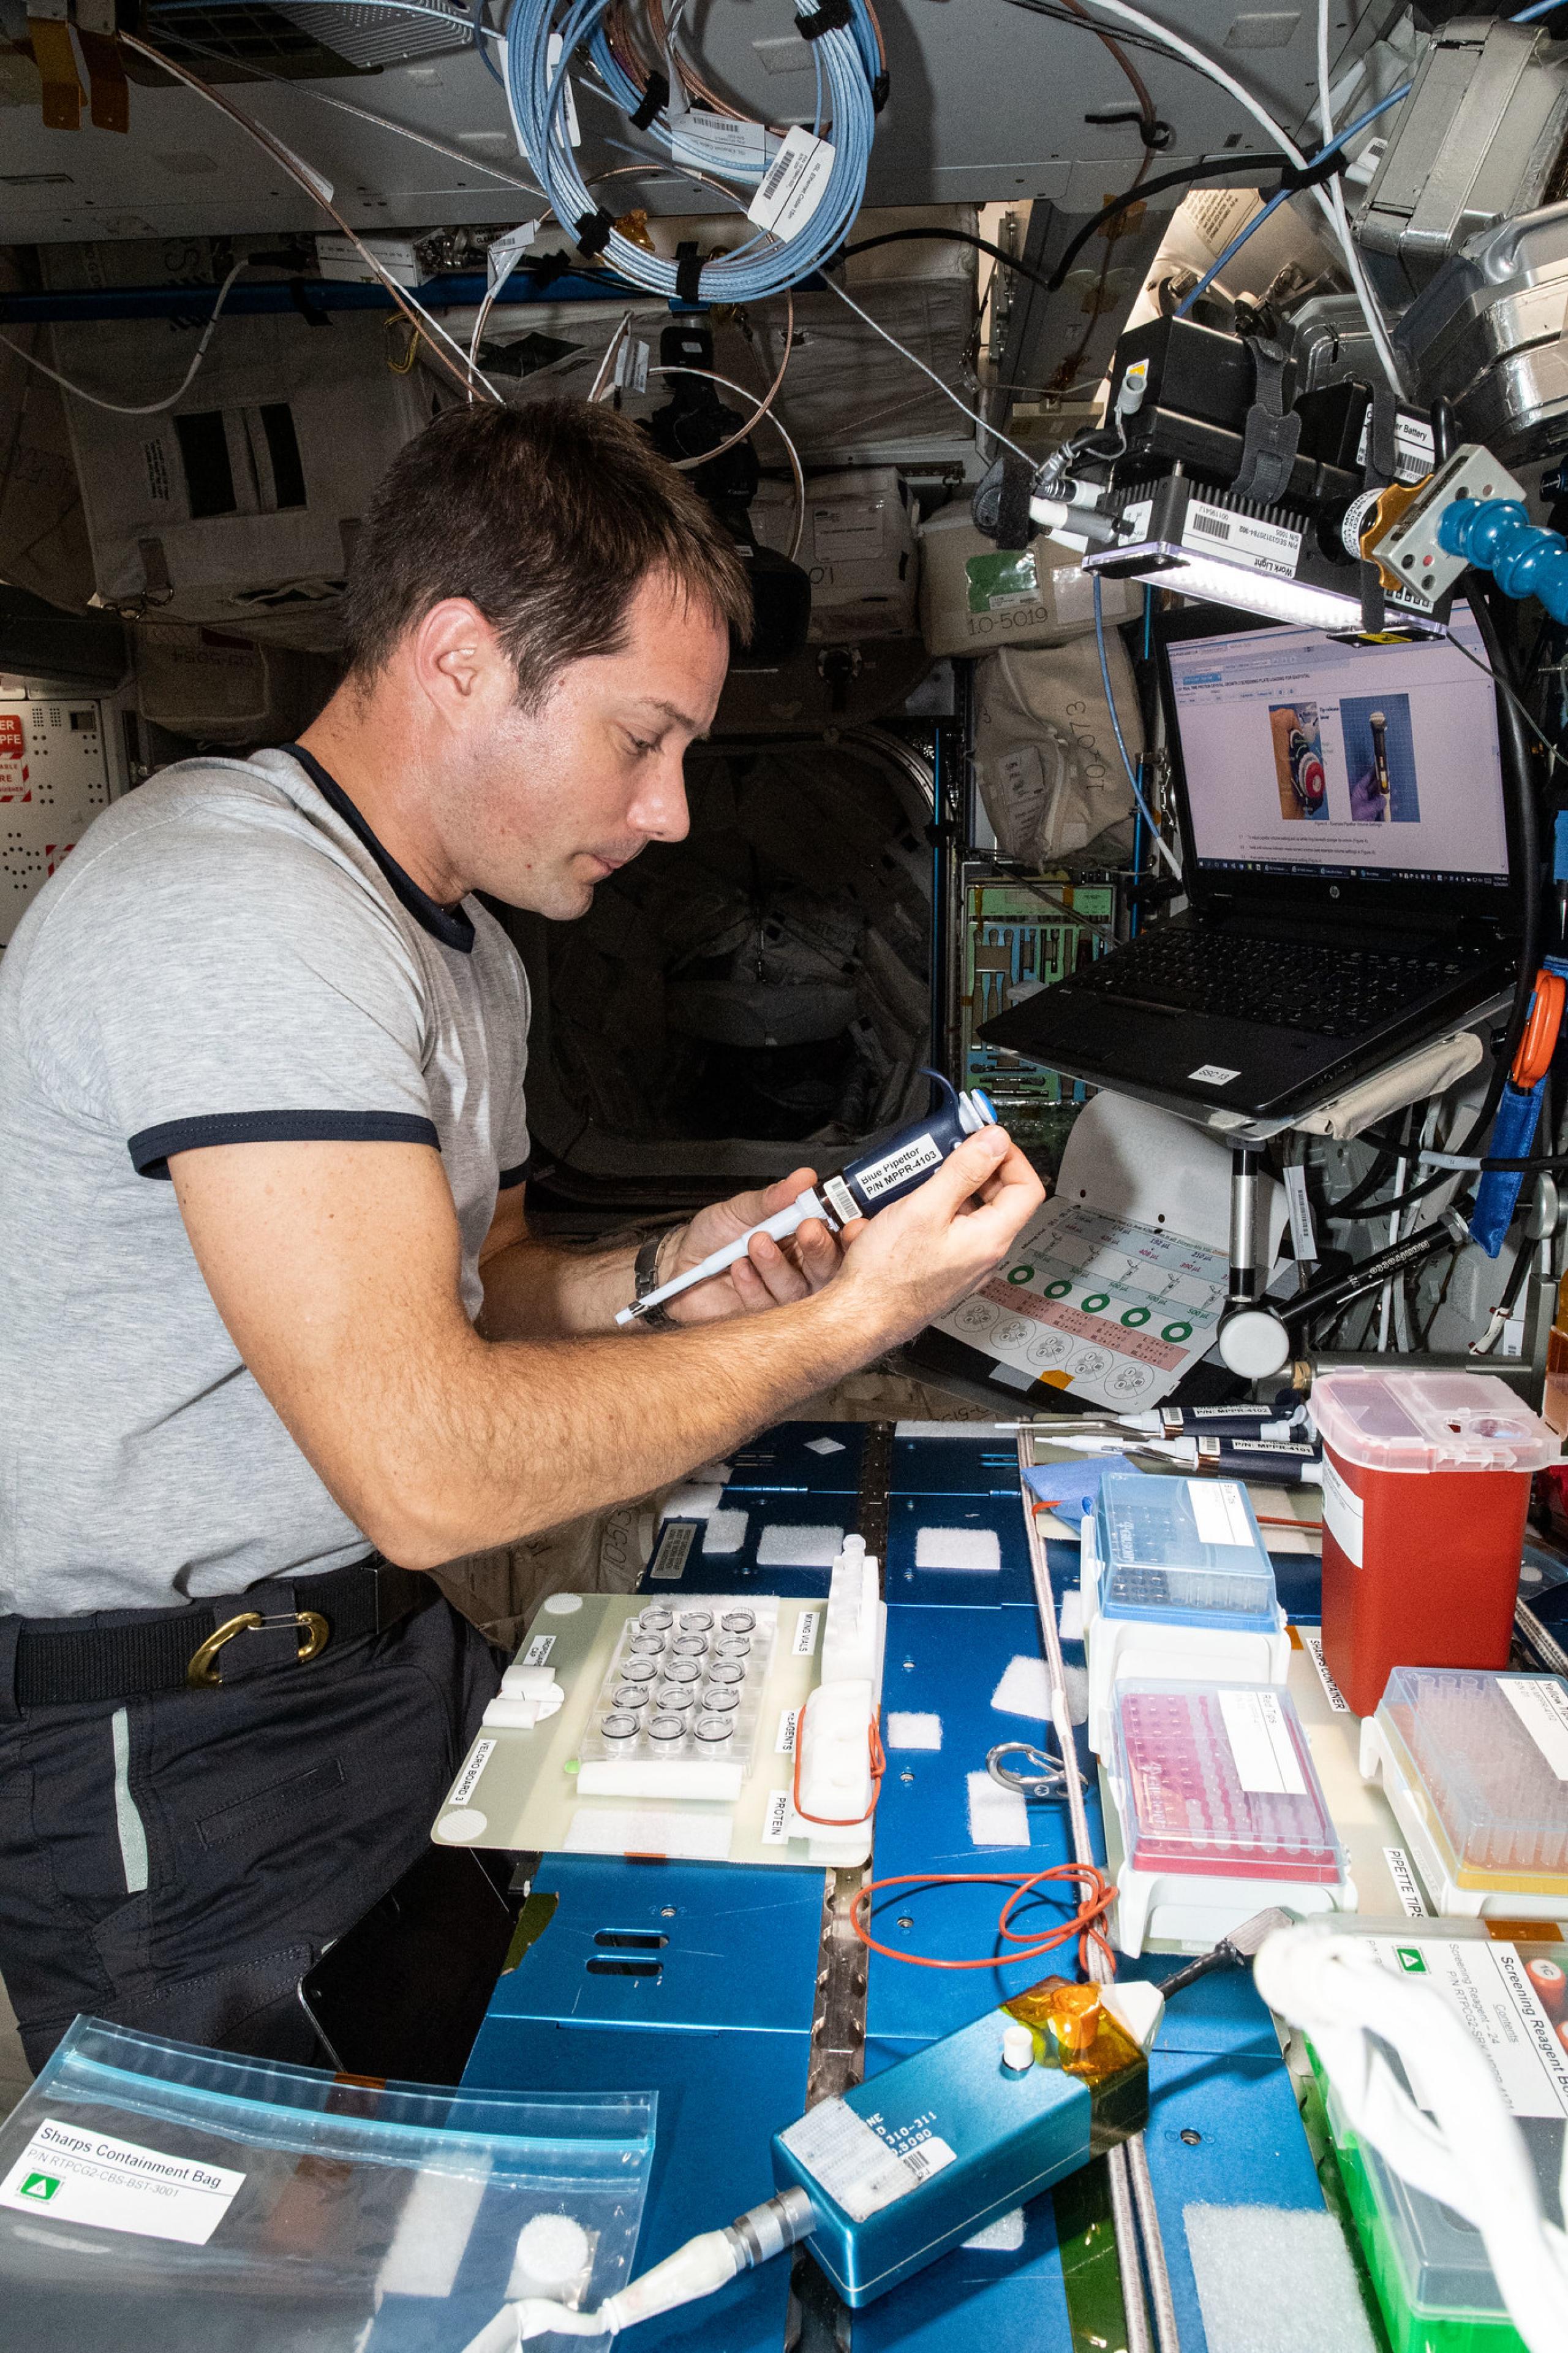 imagen de astronauta trabajando con una investigacion